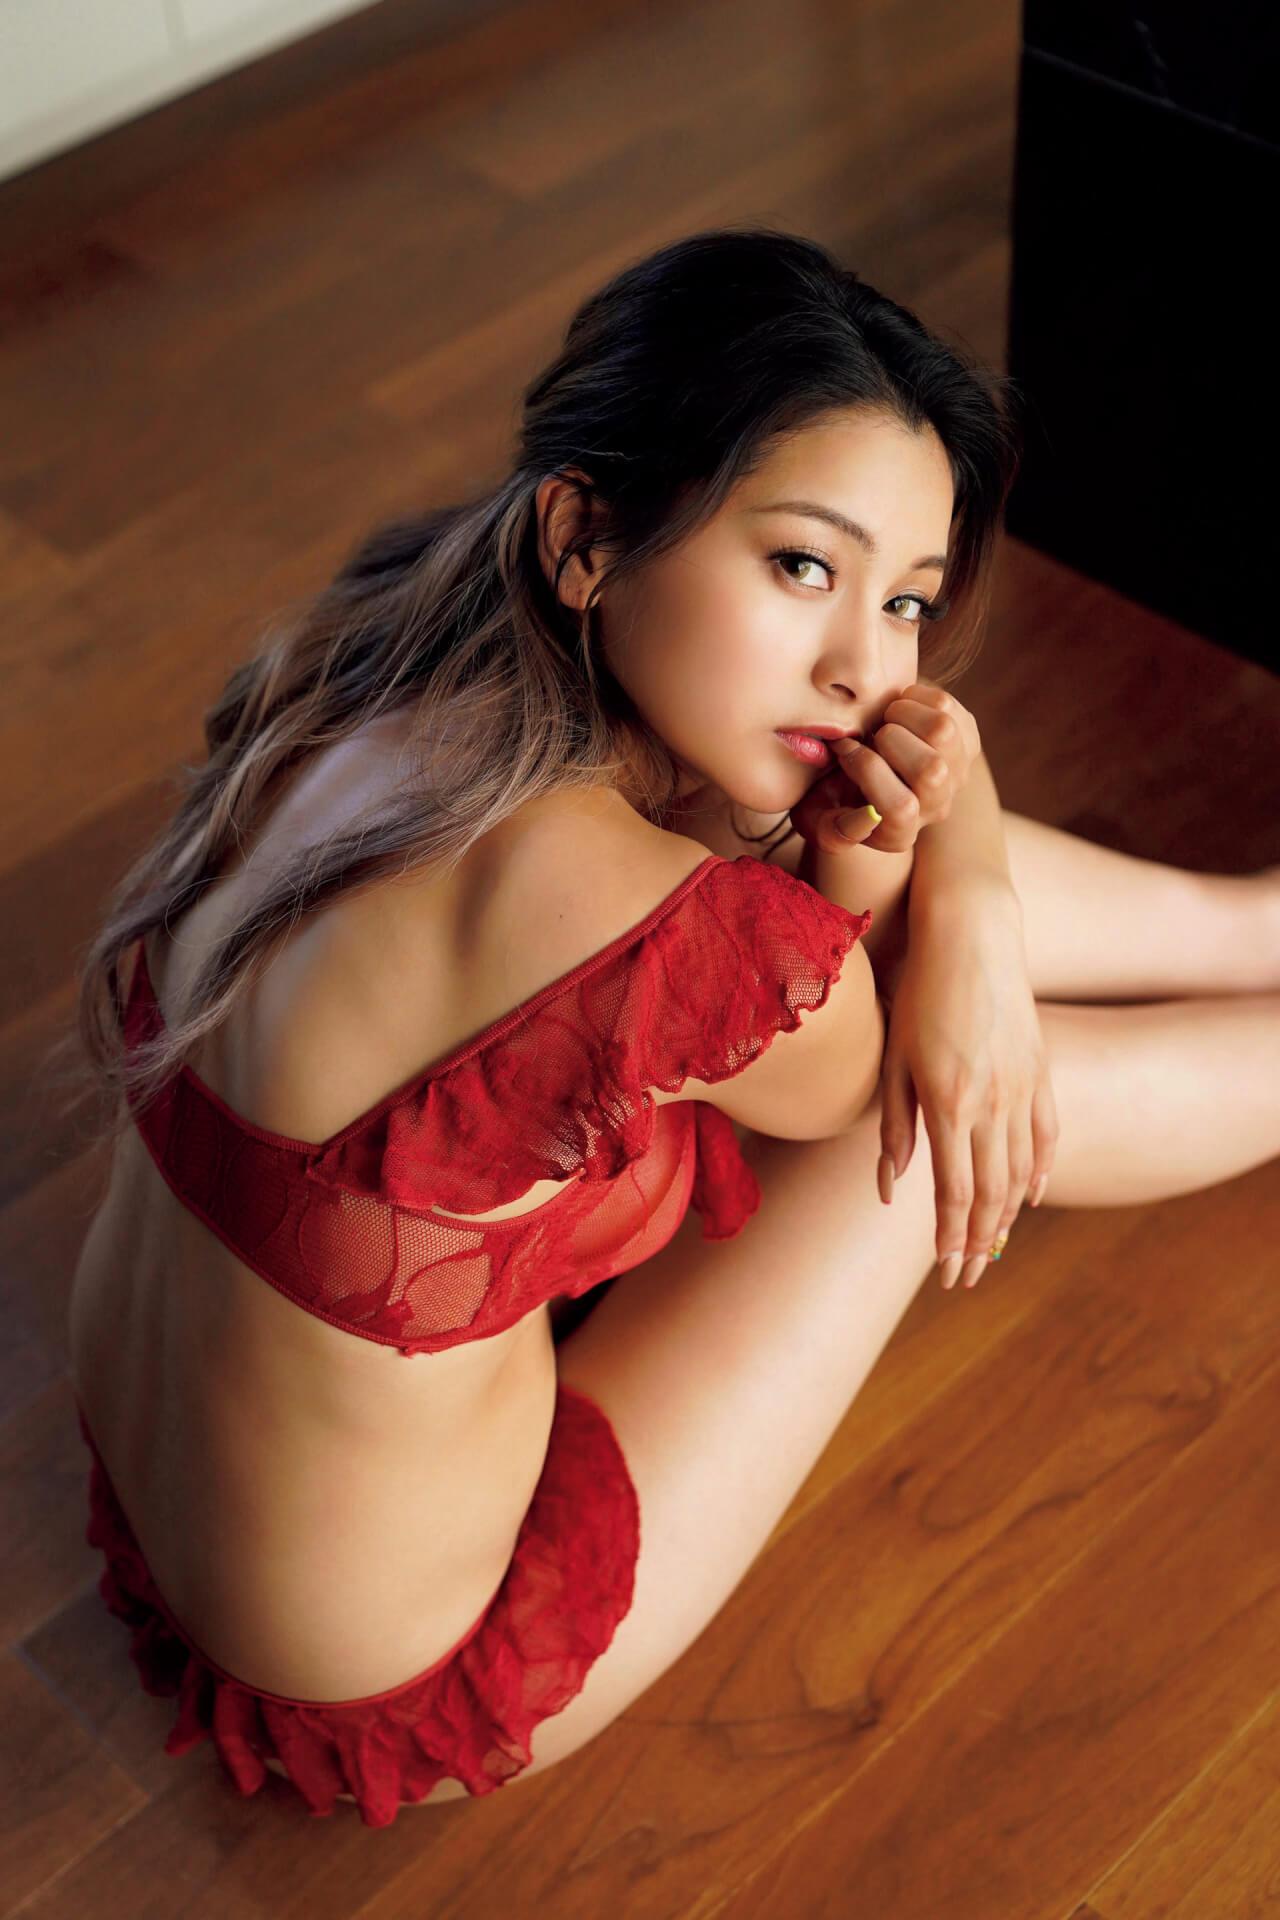 永尾まりやが女子旅でセクシーなランジェリー姿を披露!本日発売の『FLASH』表紙には『あな番』で大ブレイクの奈緒も art200908_flash_8